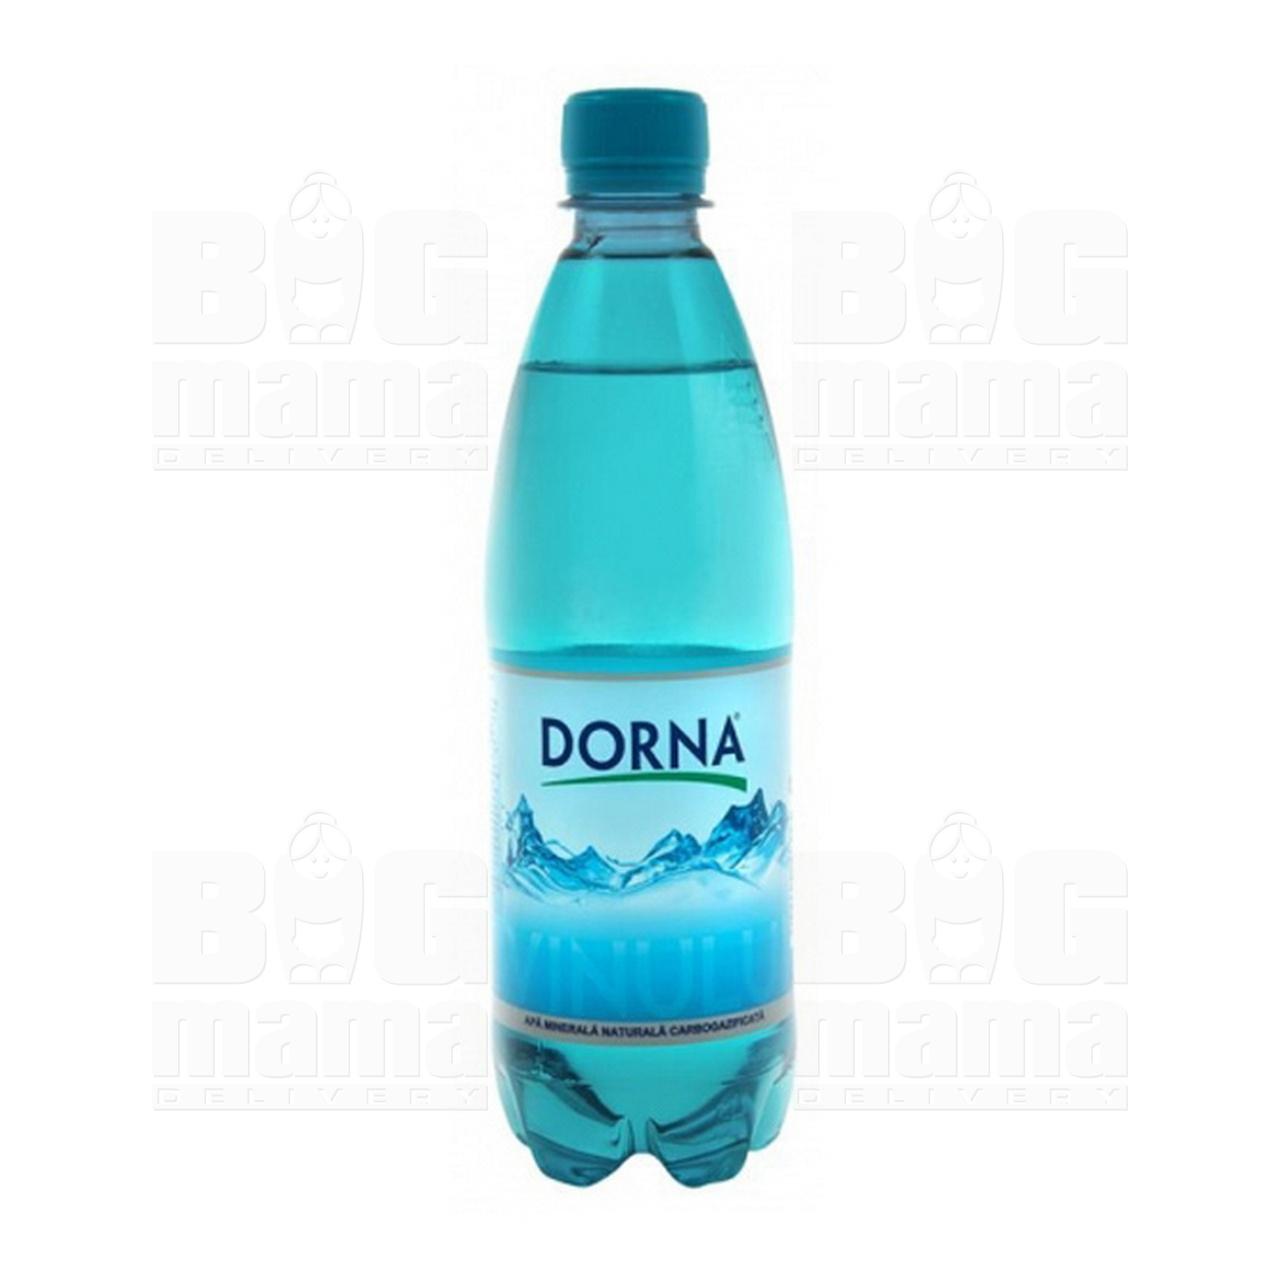 Product #156 image - Apă minerală Dorna 0,5L